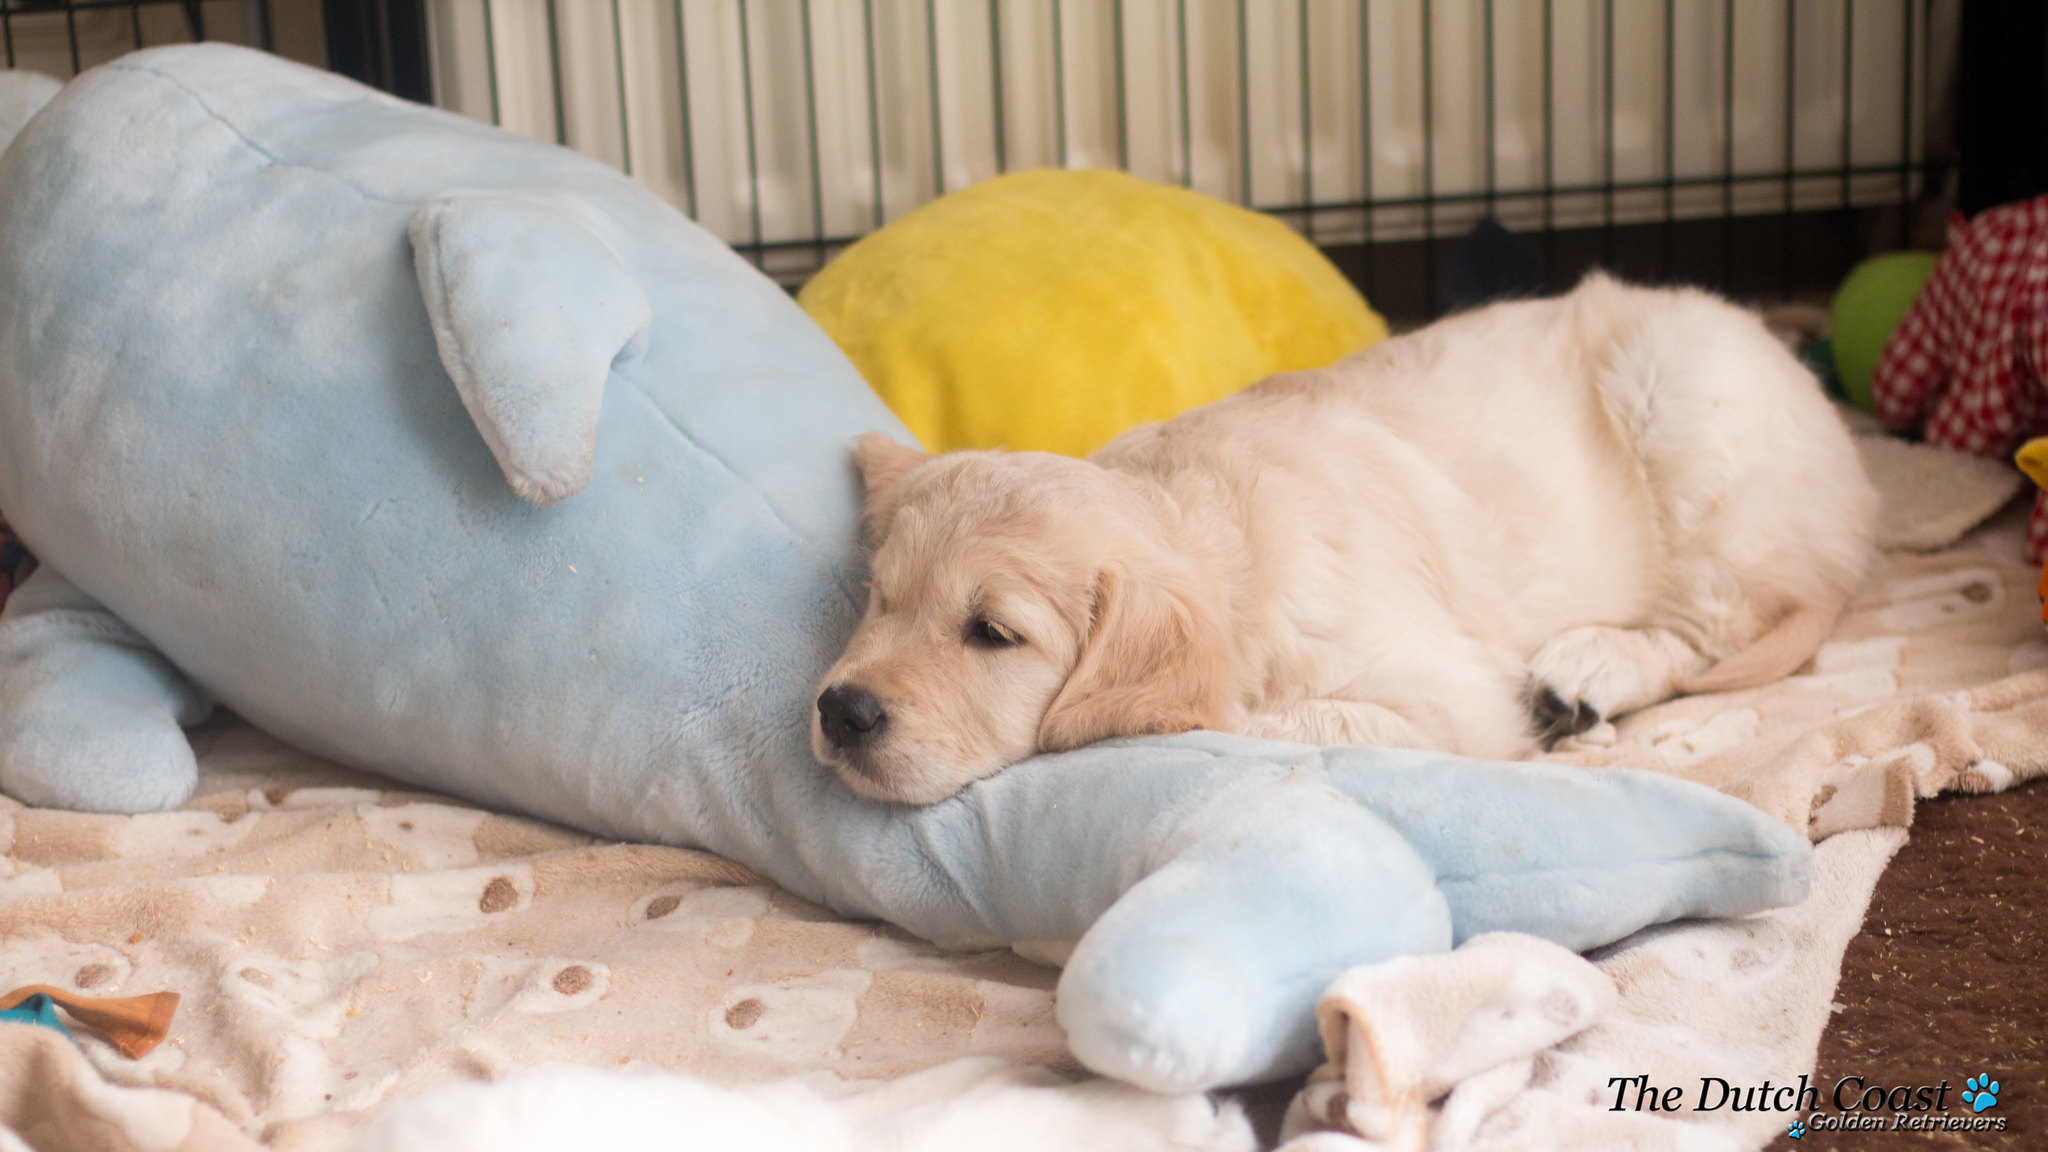 Slaap puppy slaap